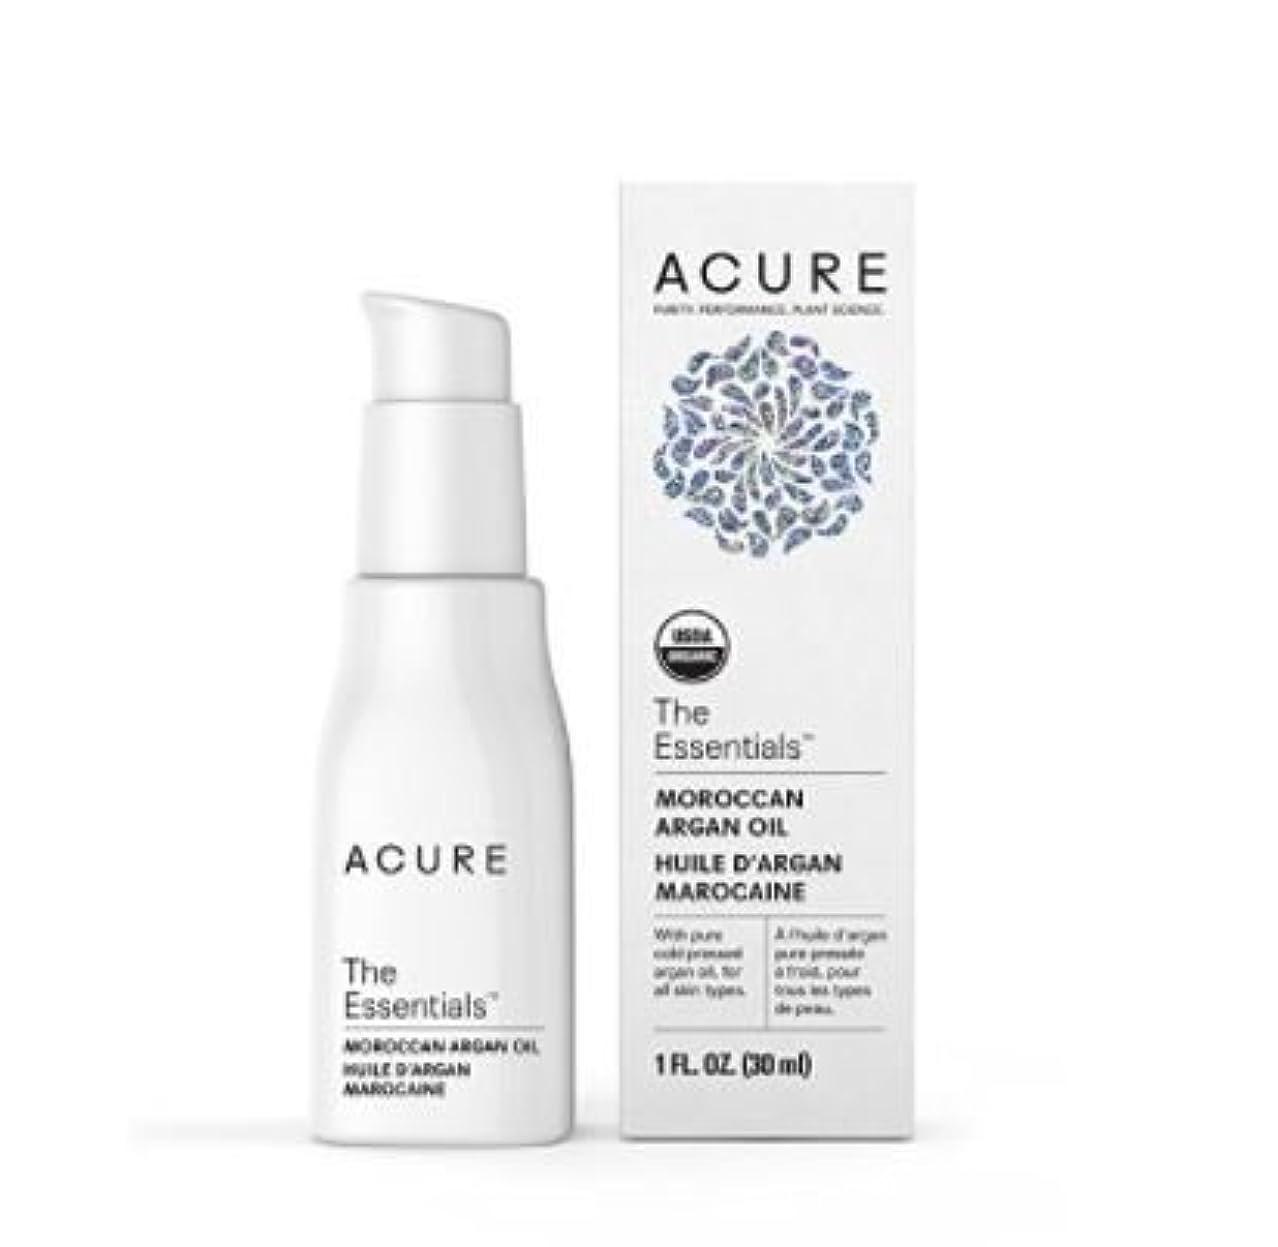 洪水輸送宣言Acure Organics オーガニック モロッコ原産 アルガンオイル トリートメント 全ての肌タイプ用 1 oz 30ml【並行輸入品】